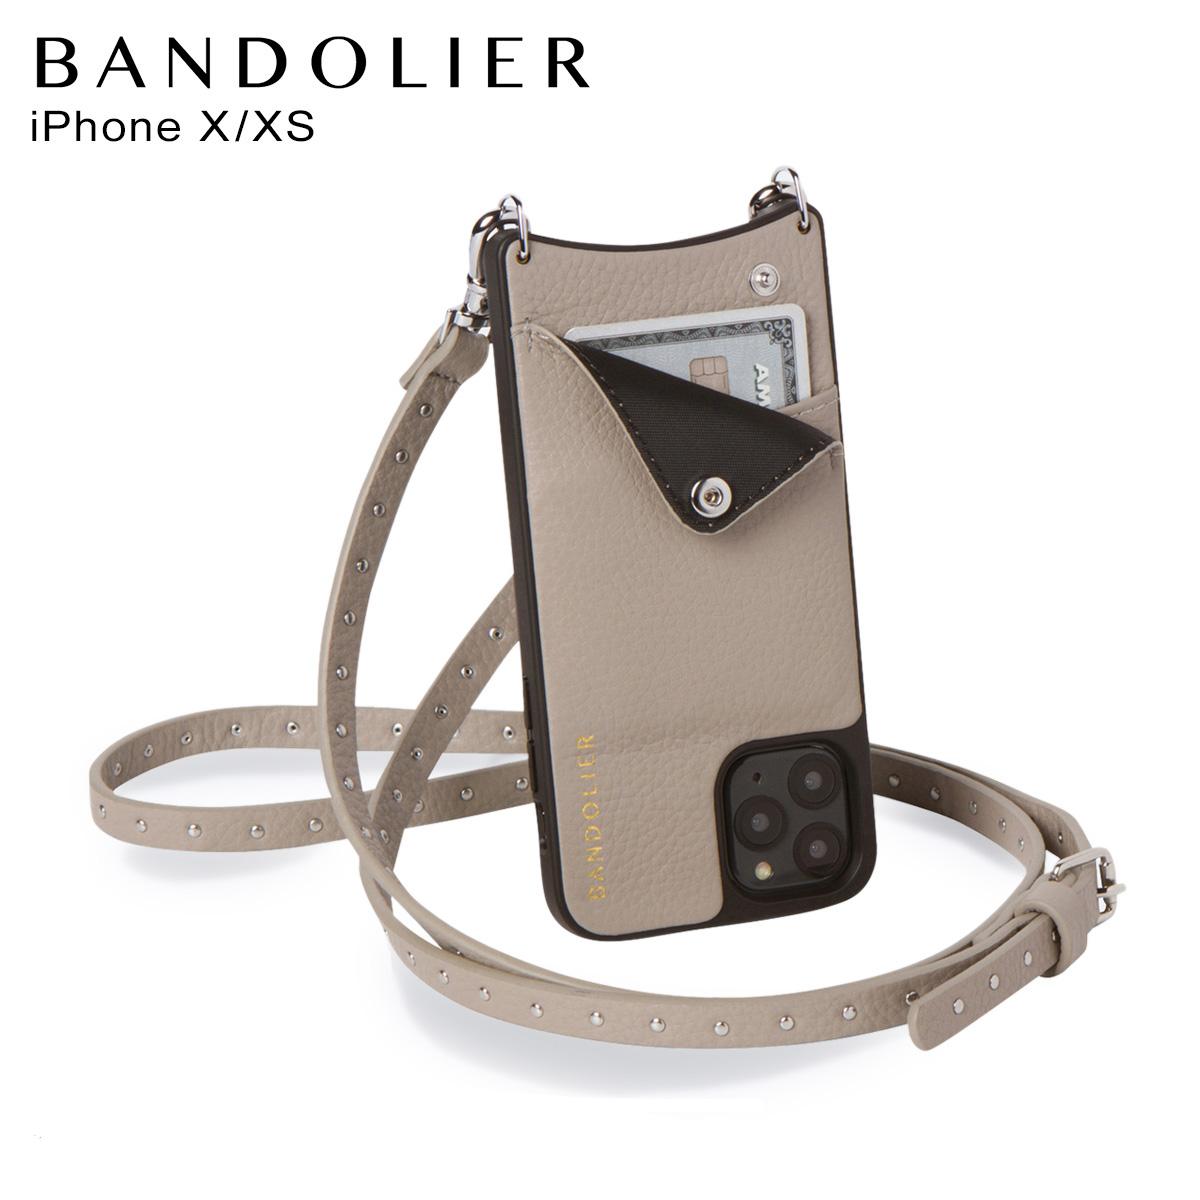 BANDOLIER バンドリヤー iPhoneXS X ケース スマホ 携帯 ショルダー アイフォン メンズ レディース レザー NICOLE GREGE グレー 10NIC [3/19 再入荷]